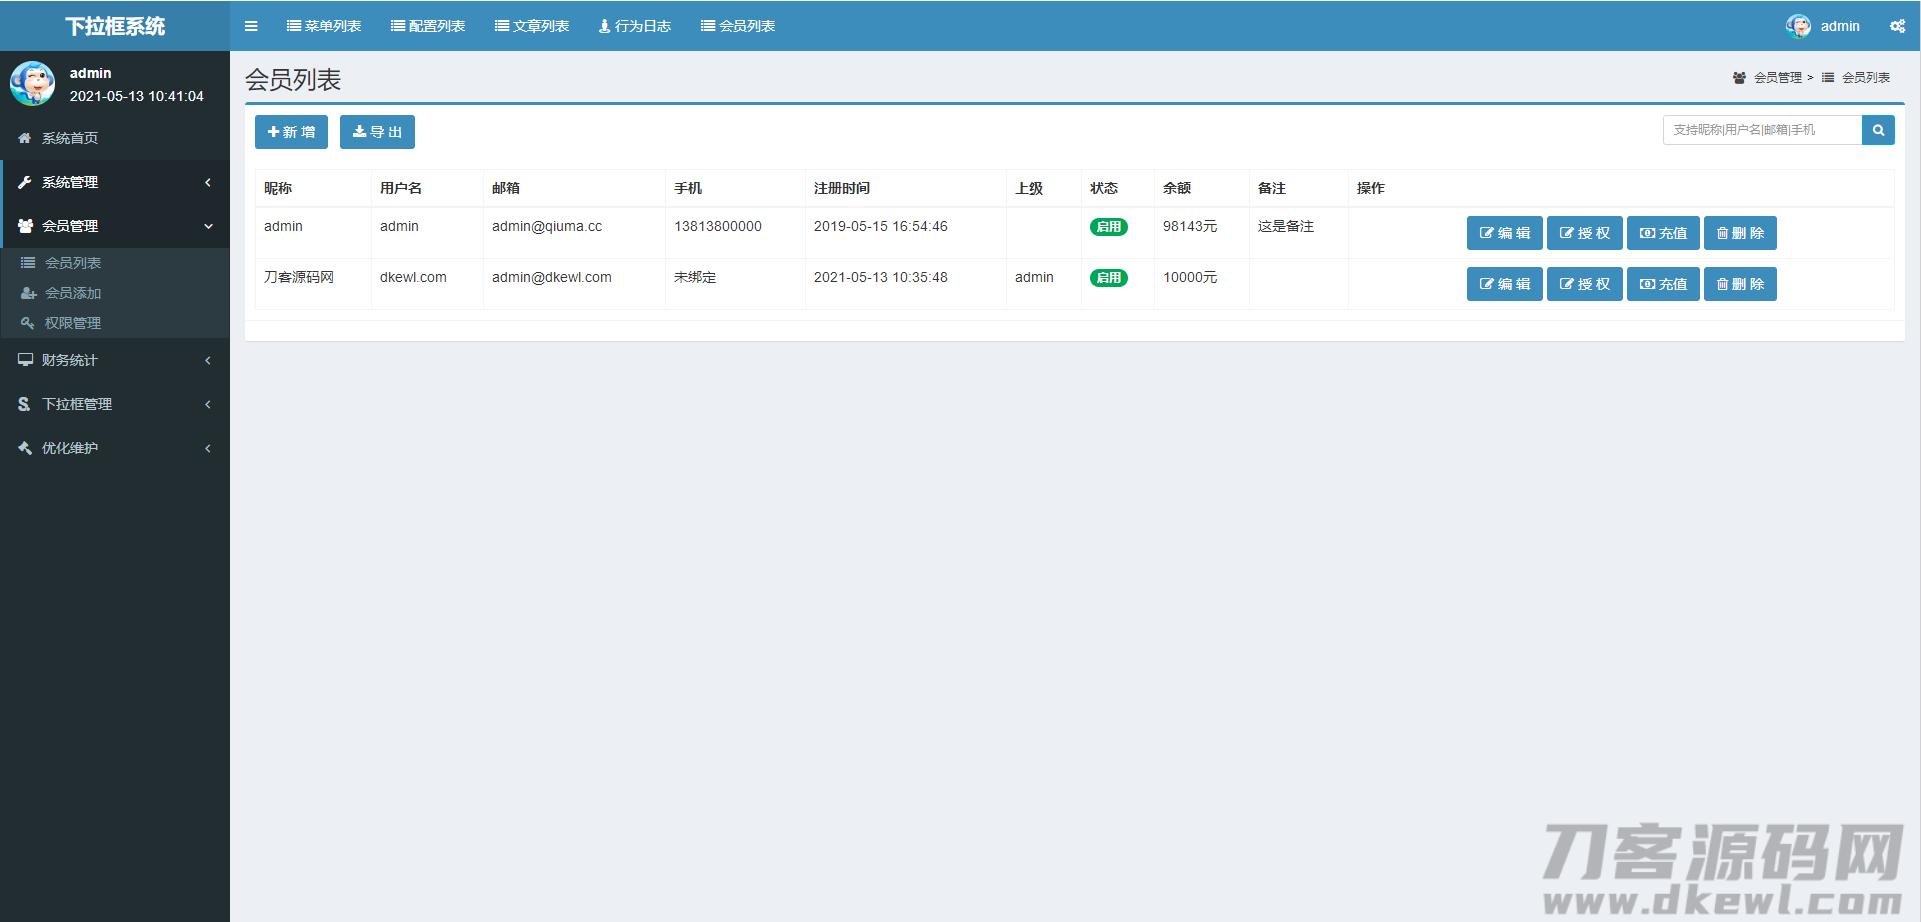 关键字SEO搜索推荐/下拉列表/优化软件/按天扣费系统软件全开源系统插图5